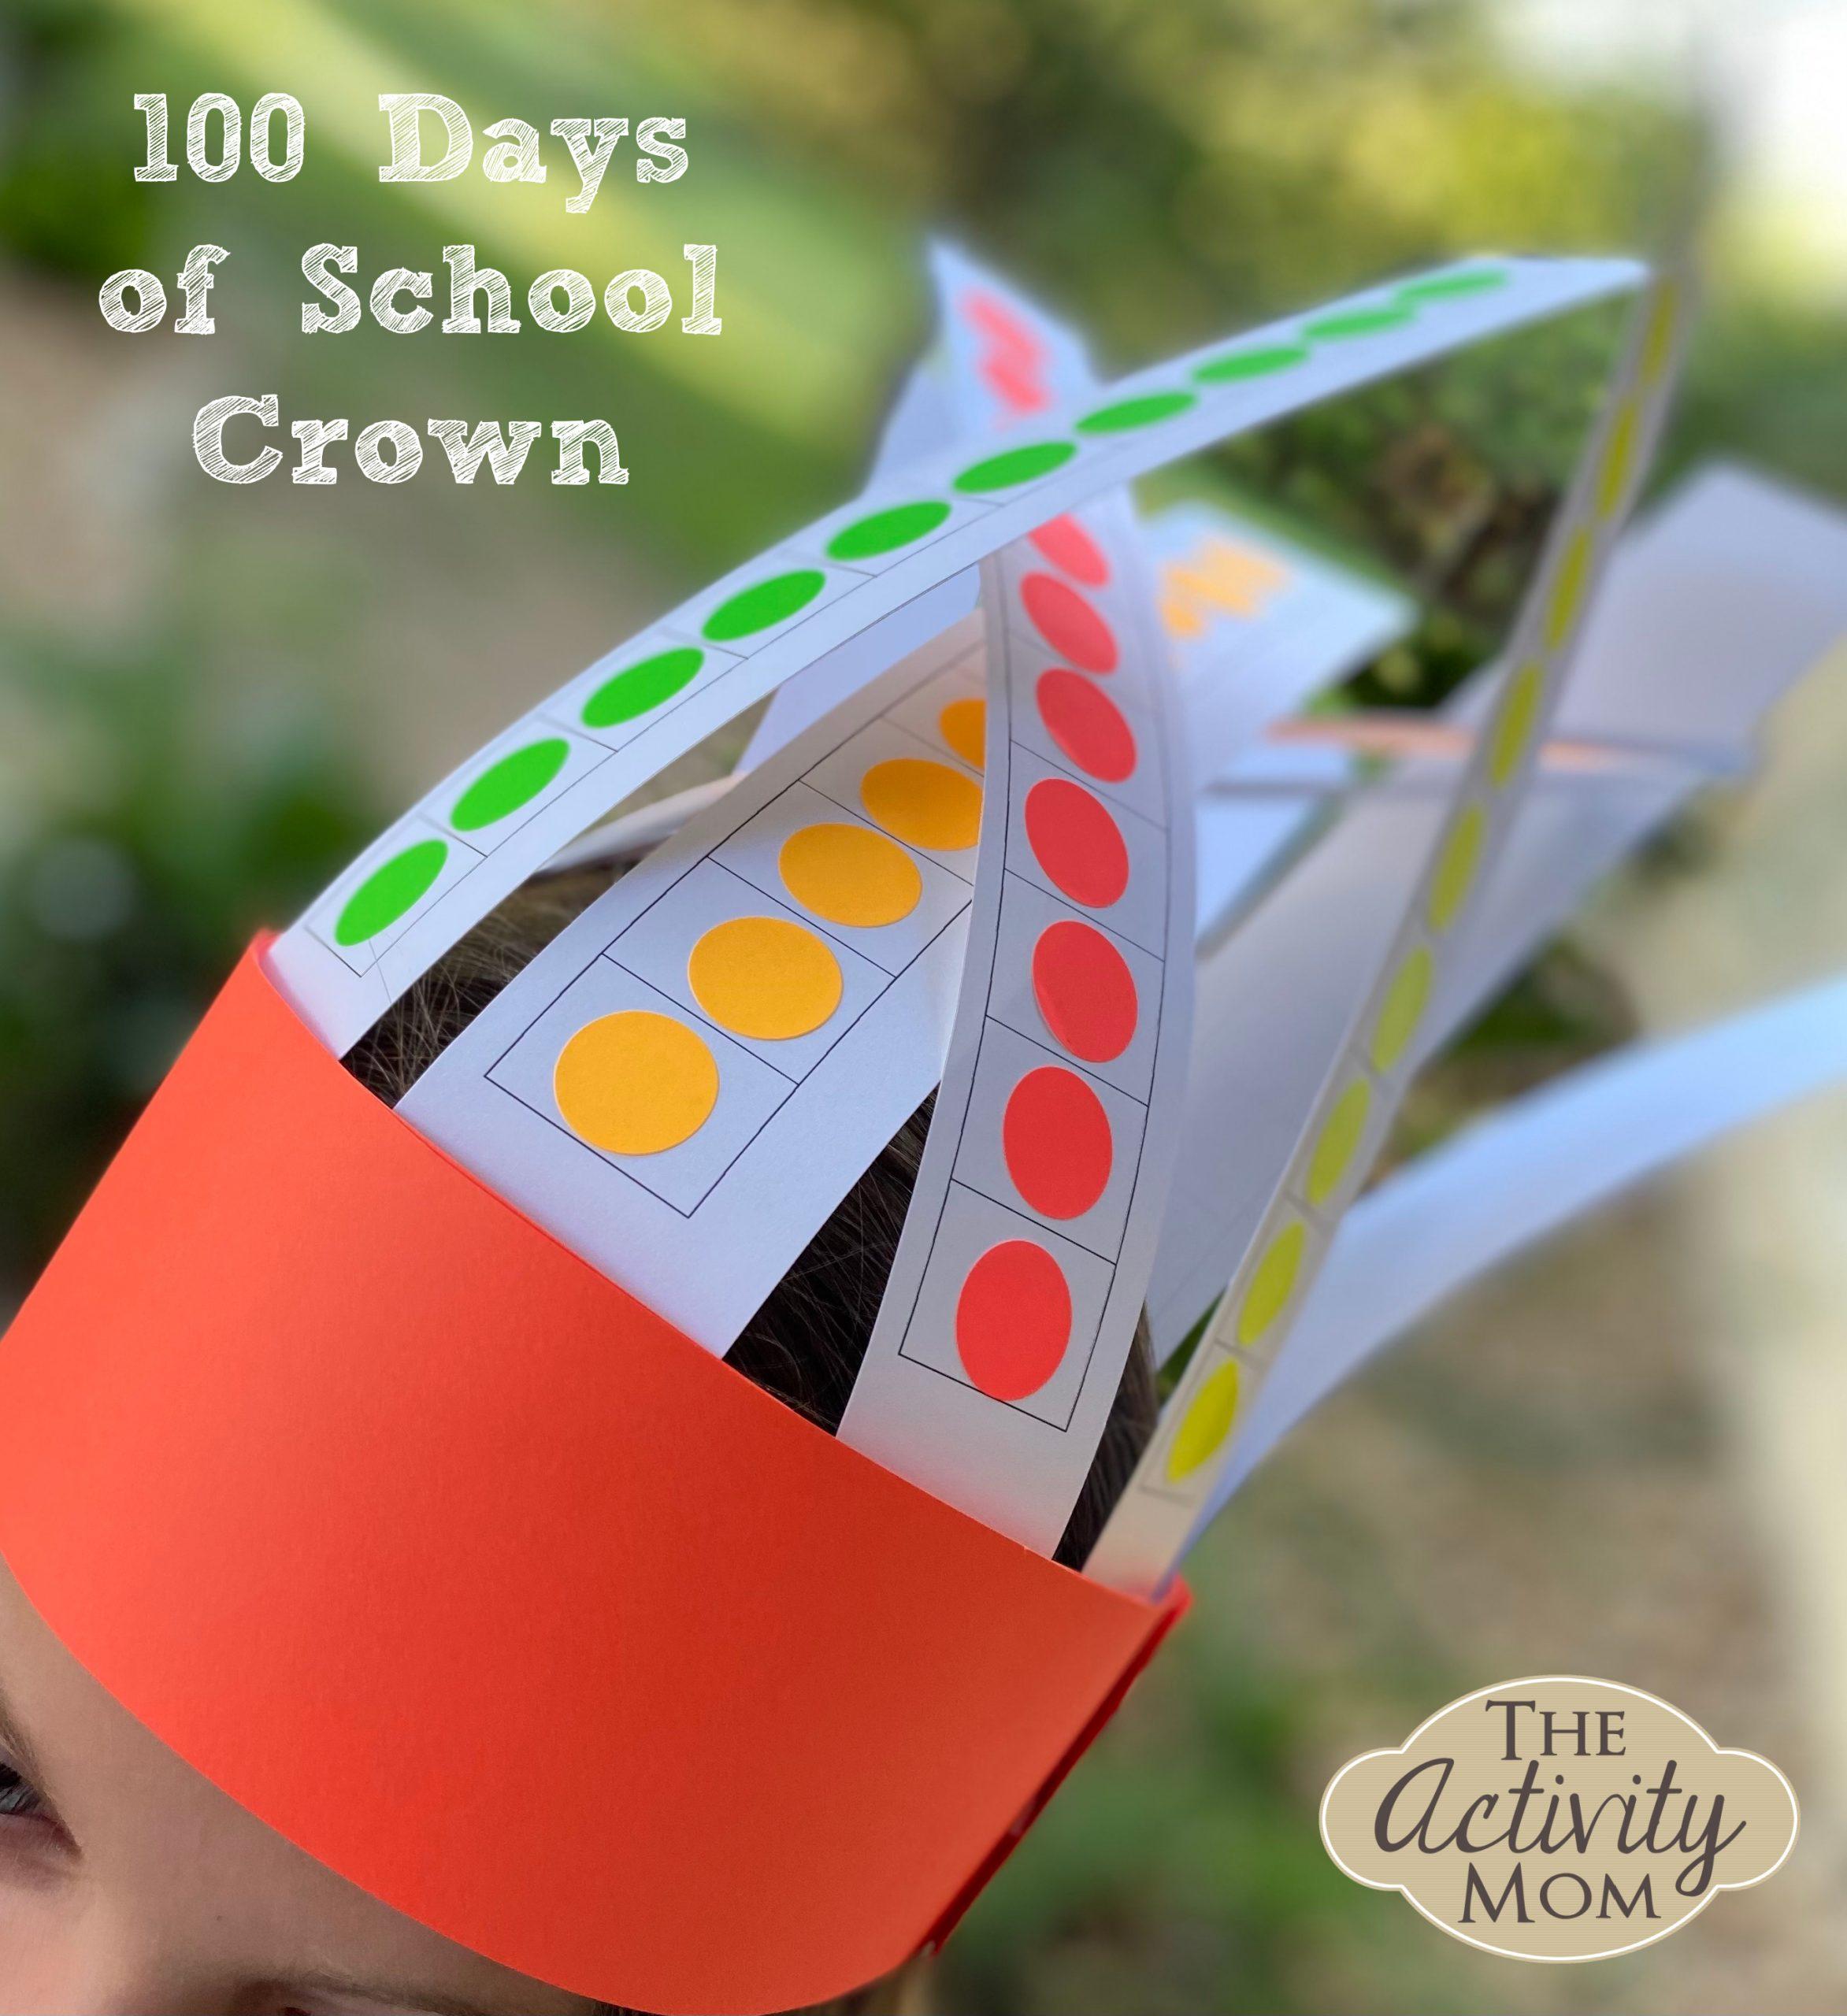 100 Days of School Activities for Kindergarten Crown